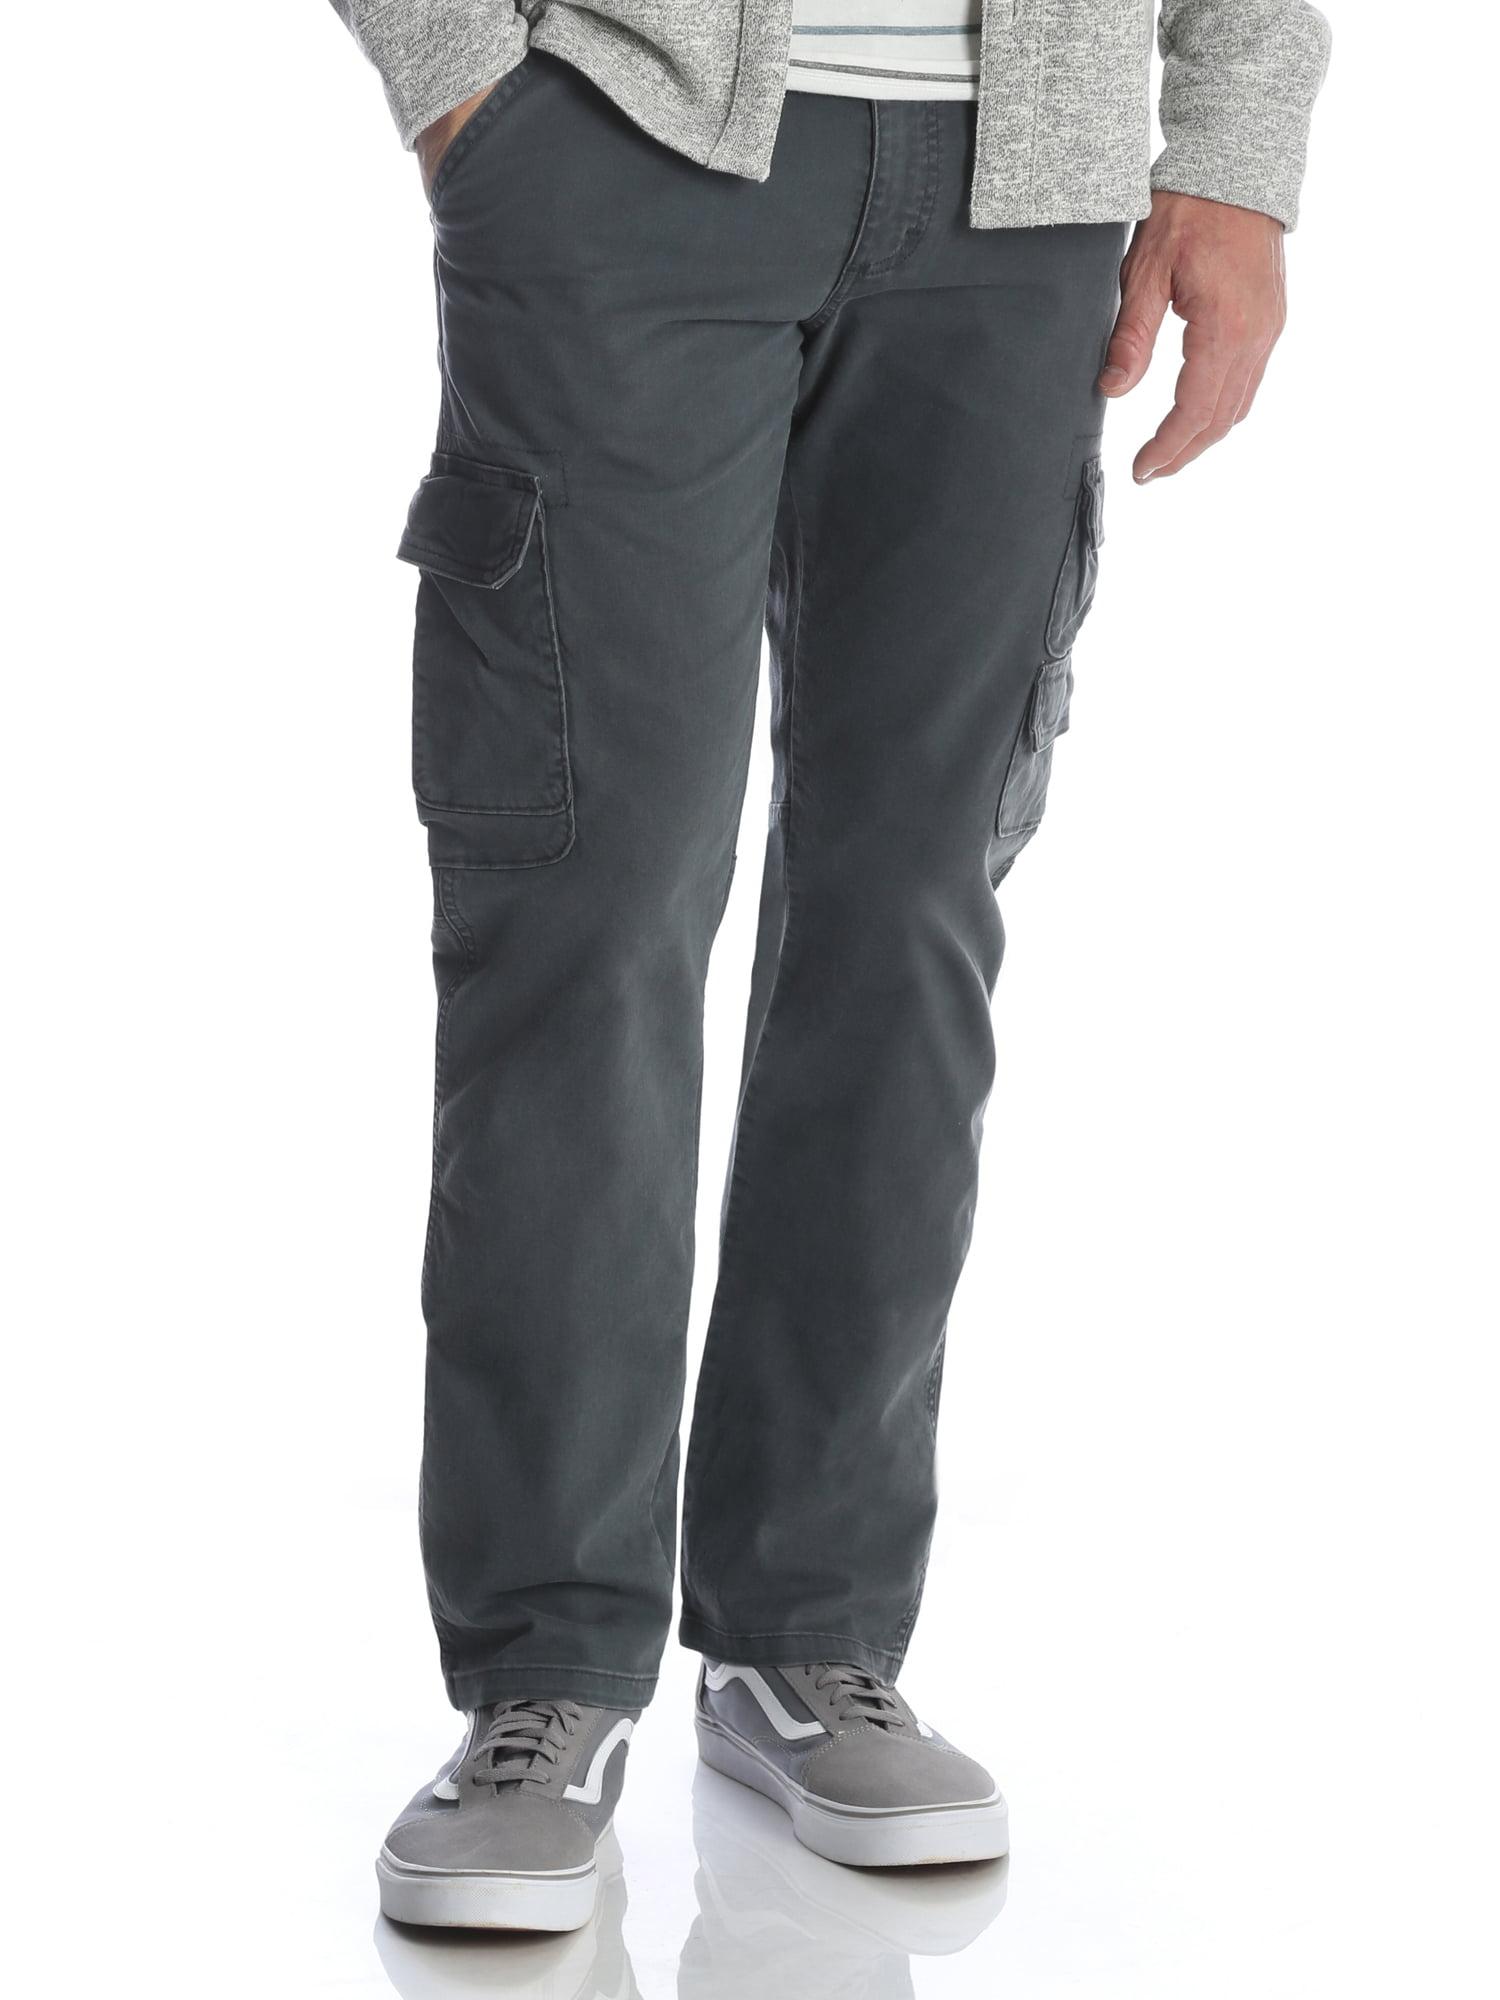 ff6296be3a4 Wrangler - Wrangler Men's Stretch Cargo Pant - Walmart.com